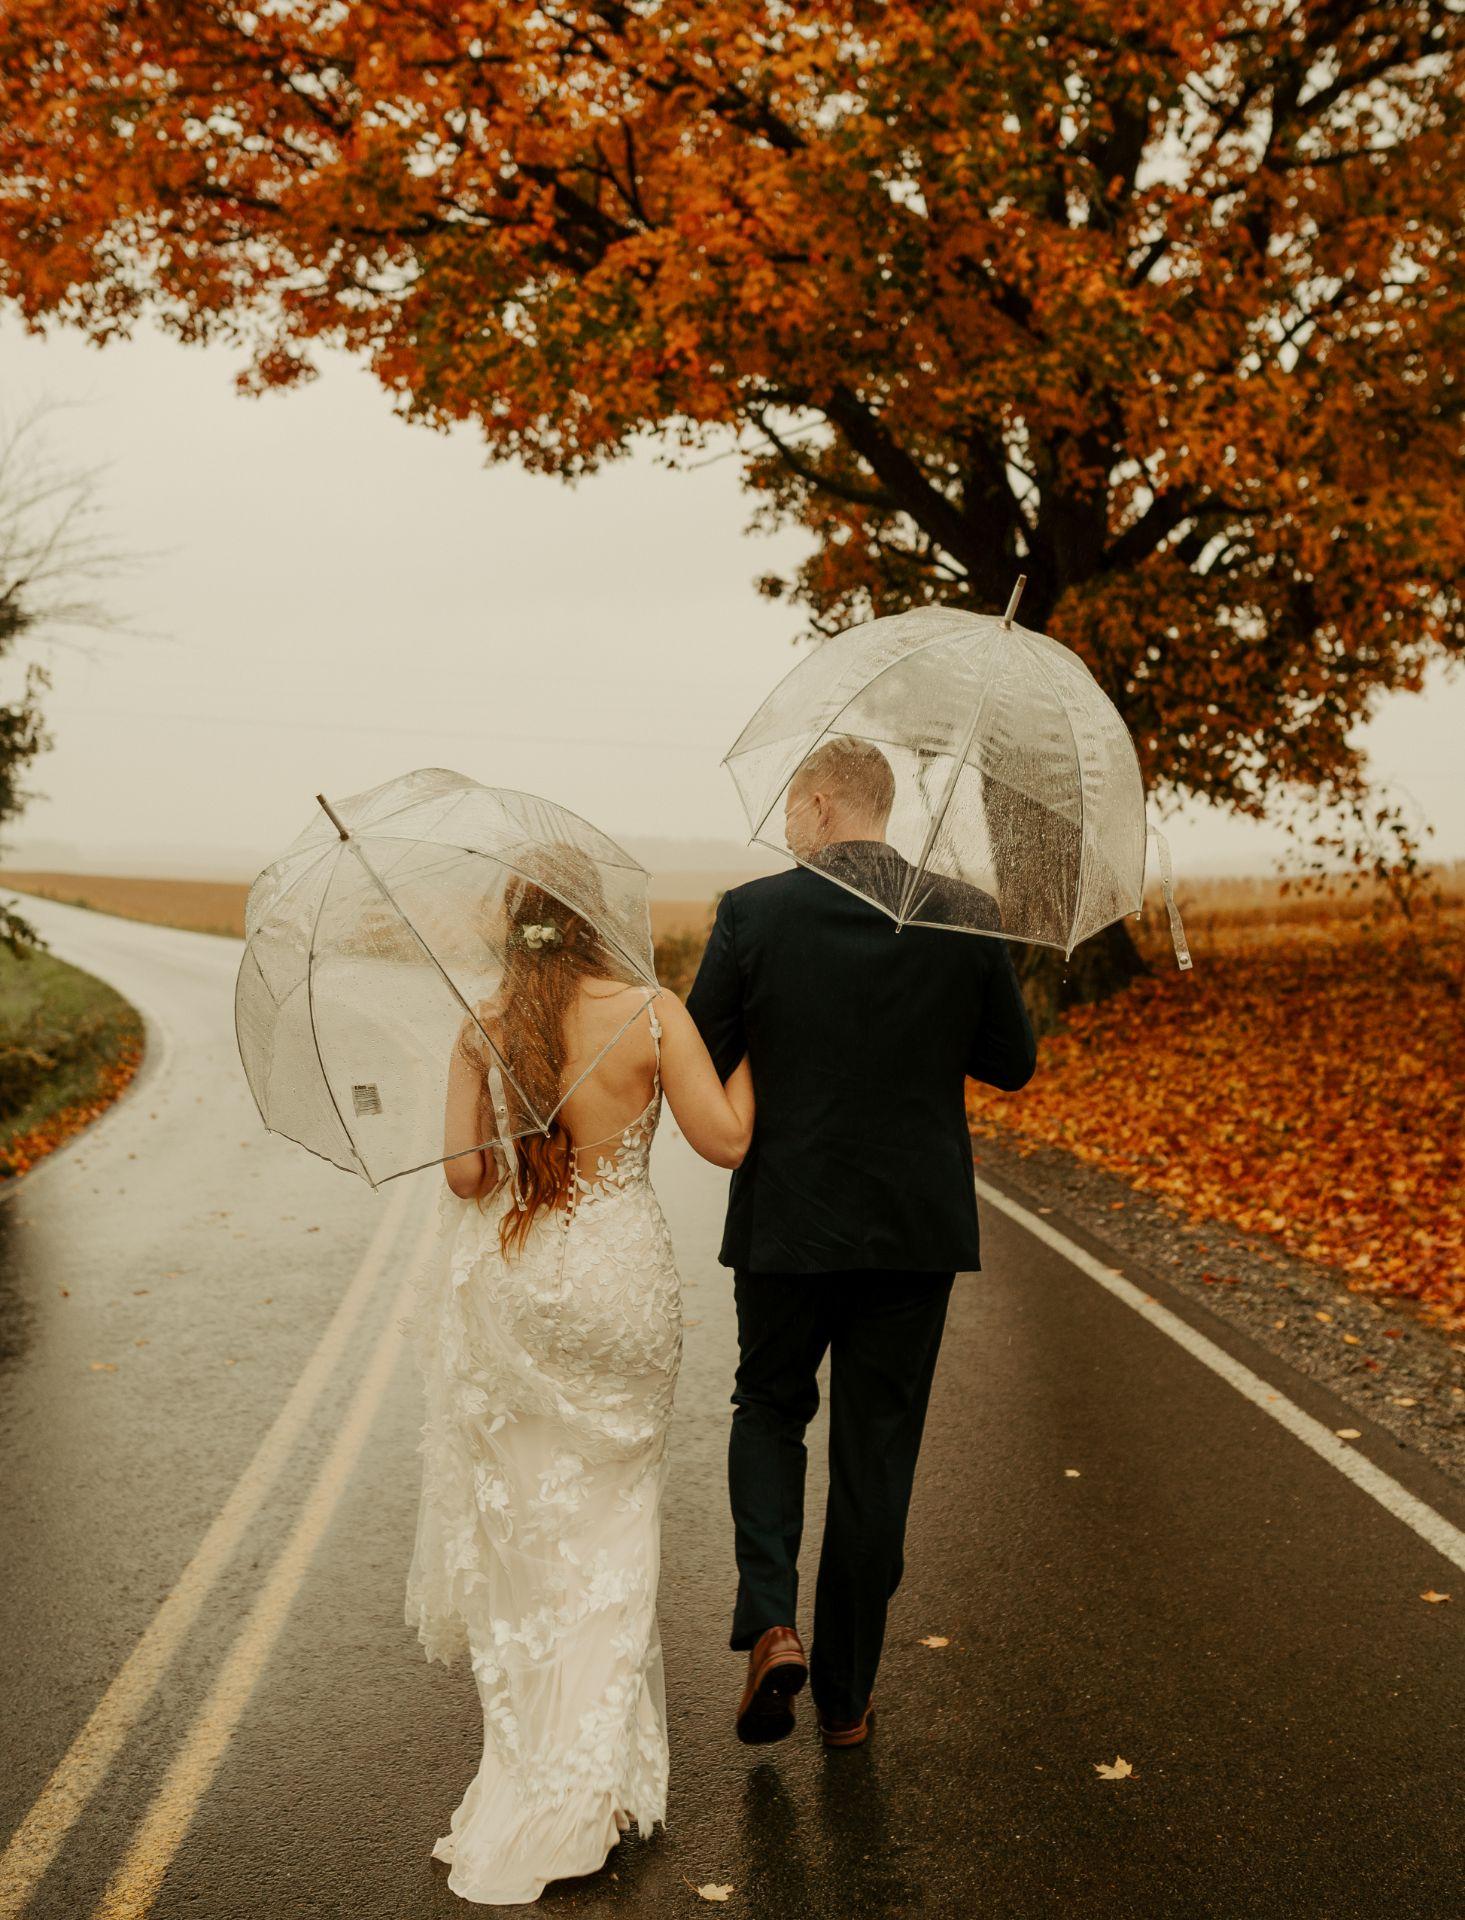 Grace-J-Photo_Columbus-Wedding-Photographer-46-of-49-large